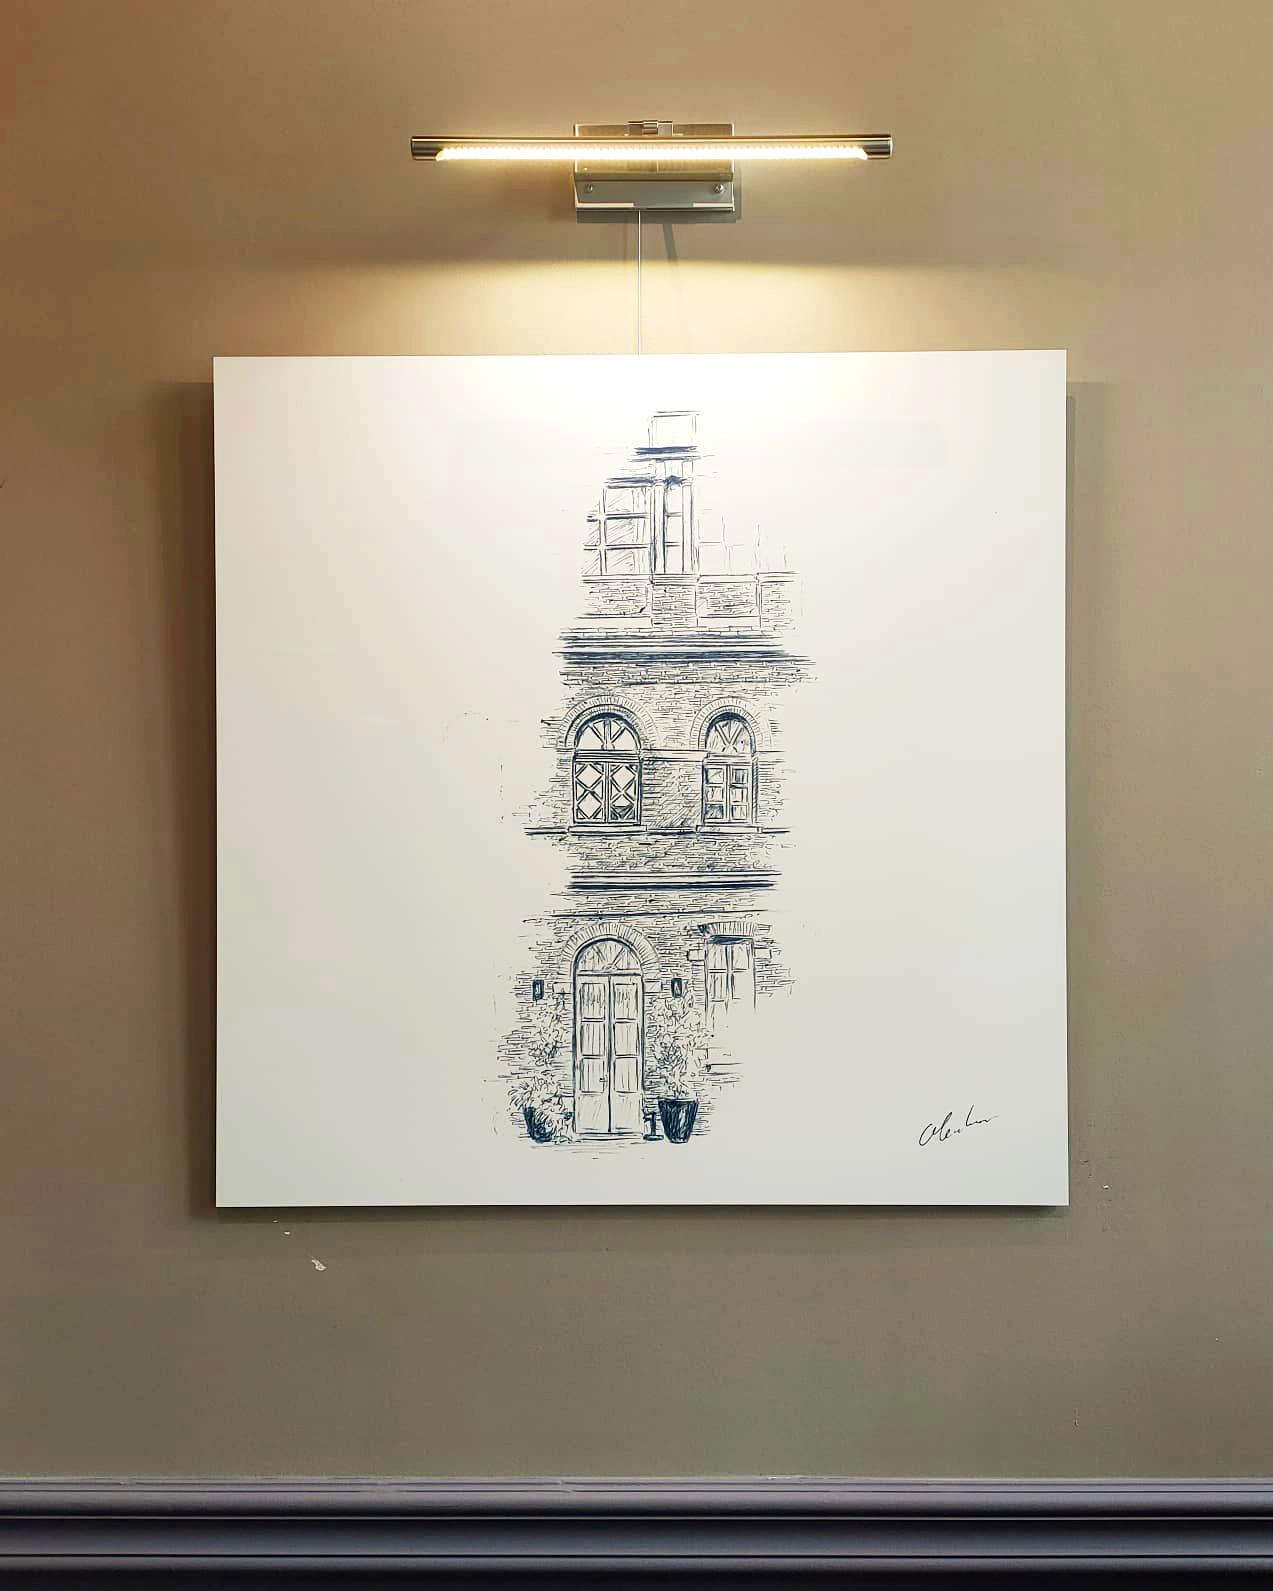 """Photographie du dessin intitulé """"La Façade du Spa"""" exposé au restaurant Le Cénacle de Toulouse"""